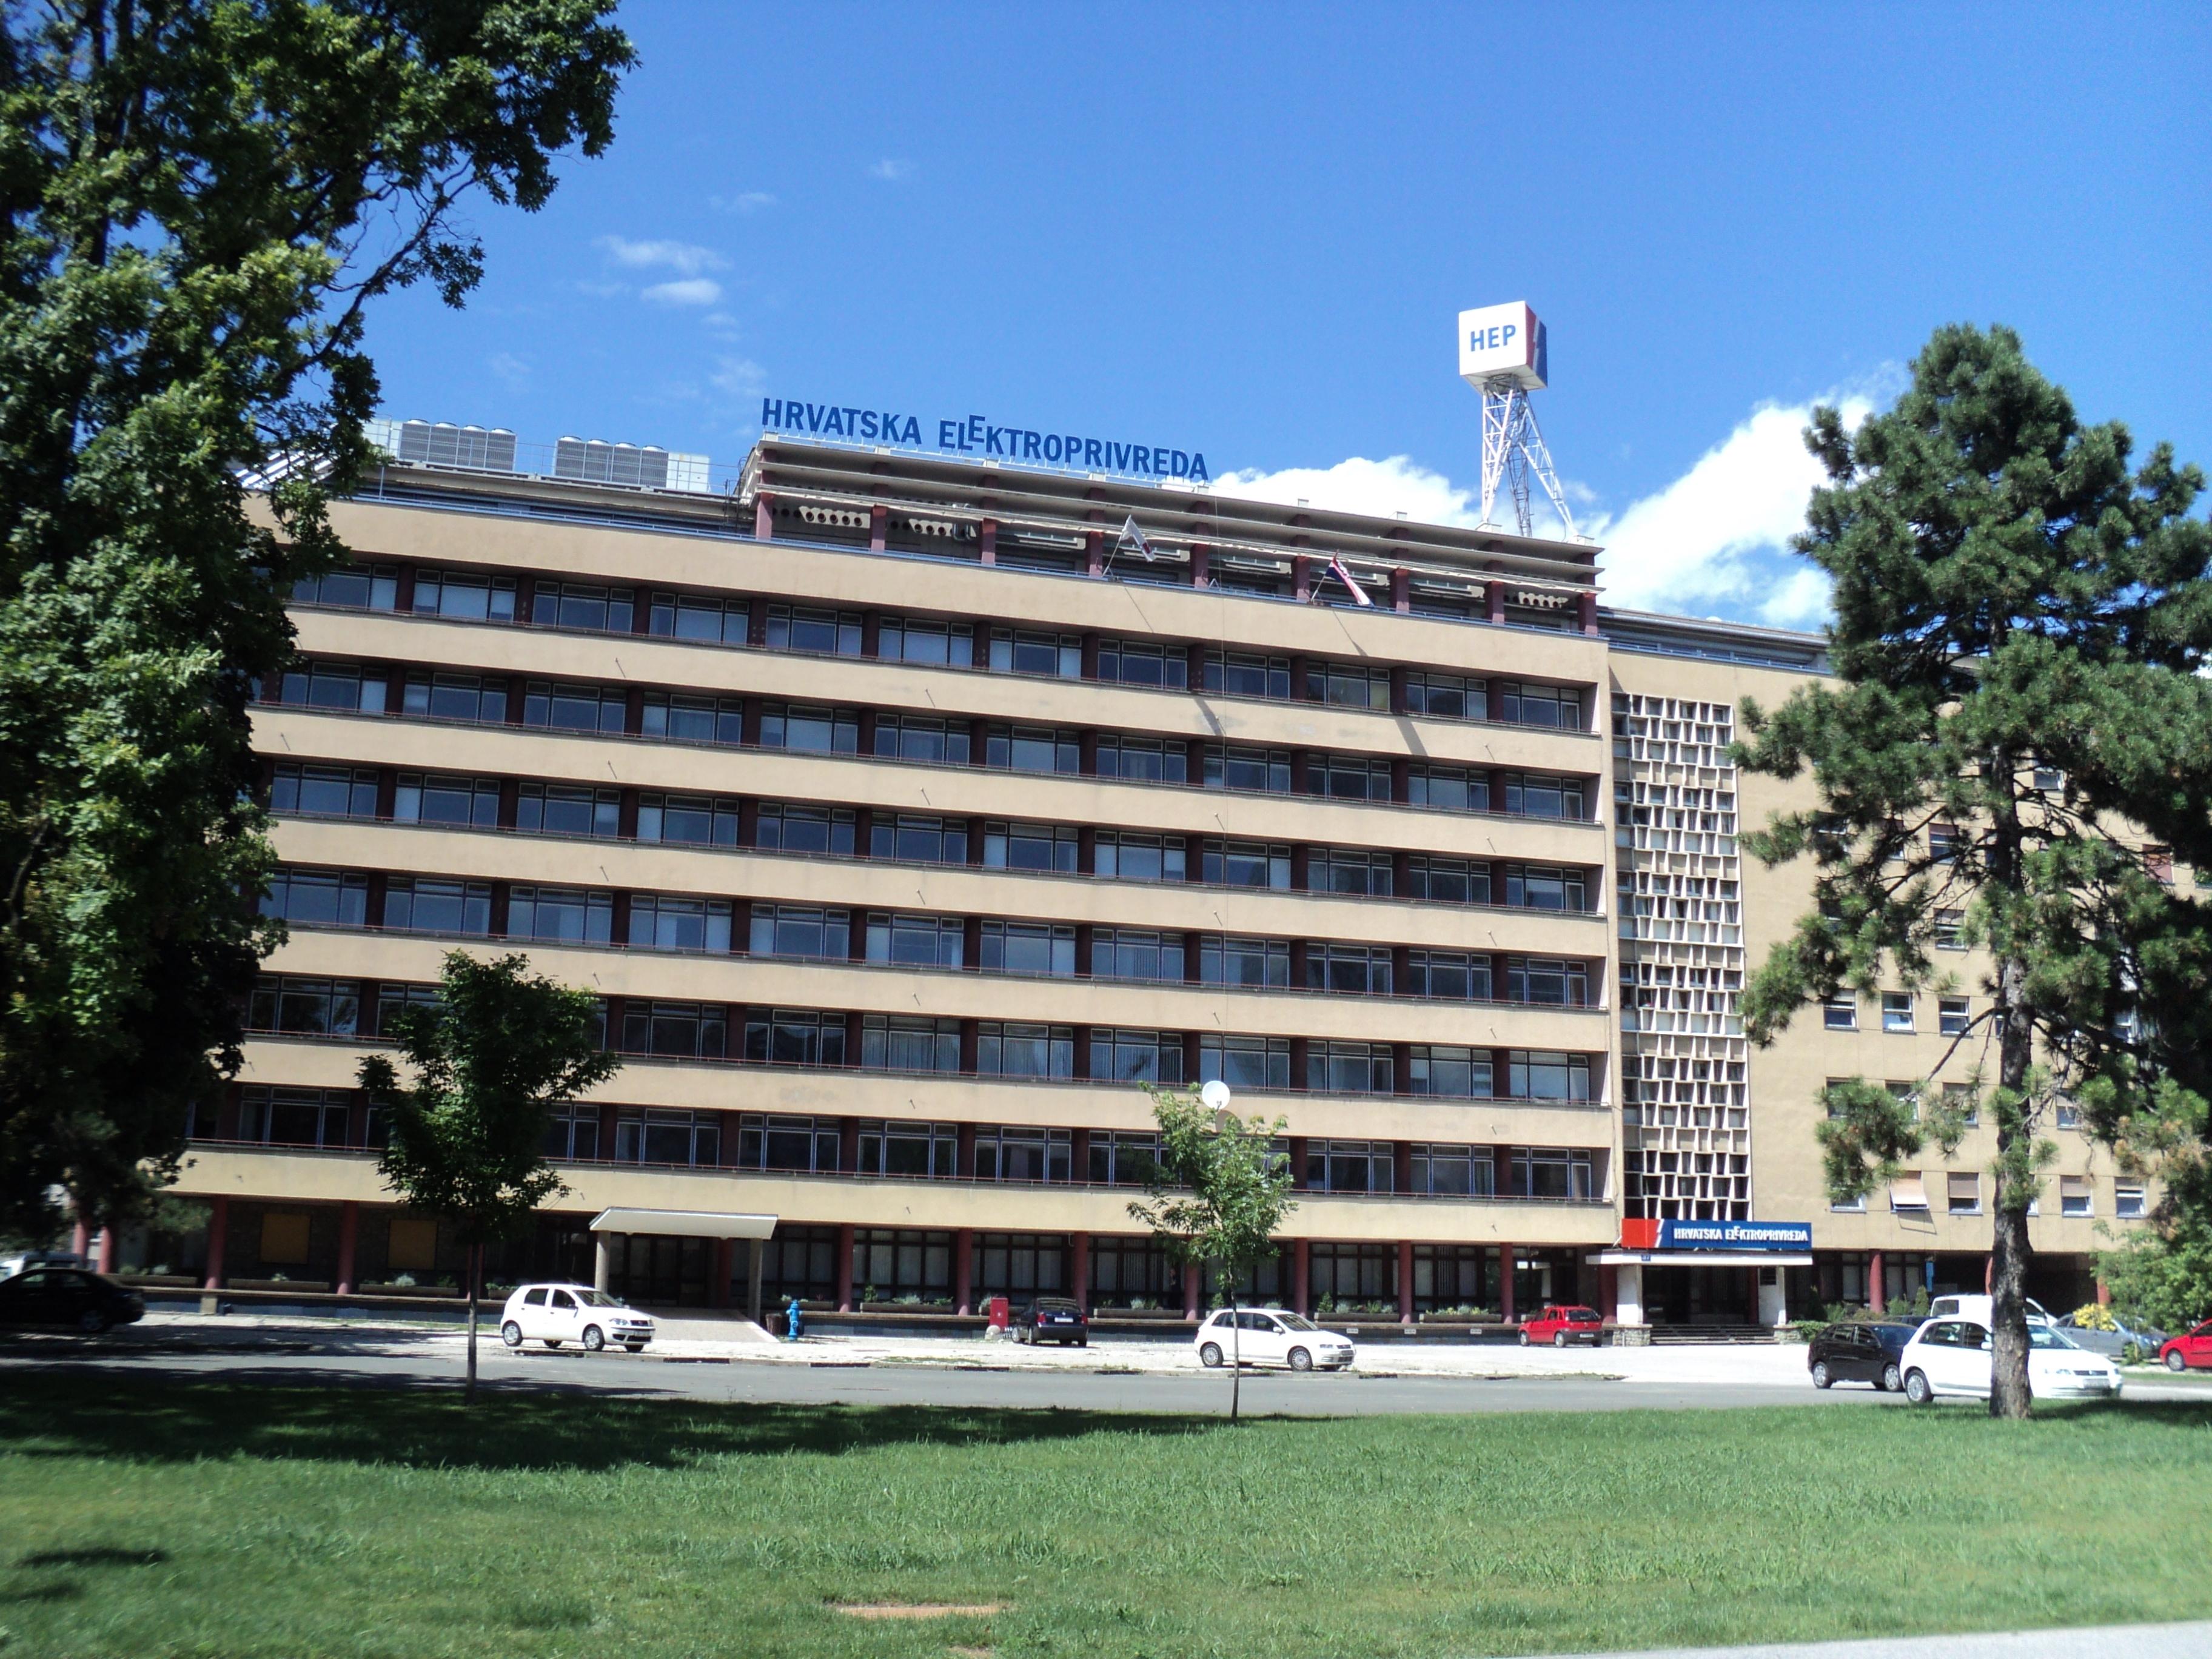 Hrvatska Elektroprivreda Wikipedia